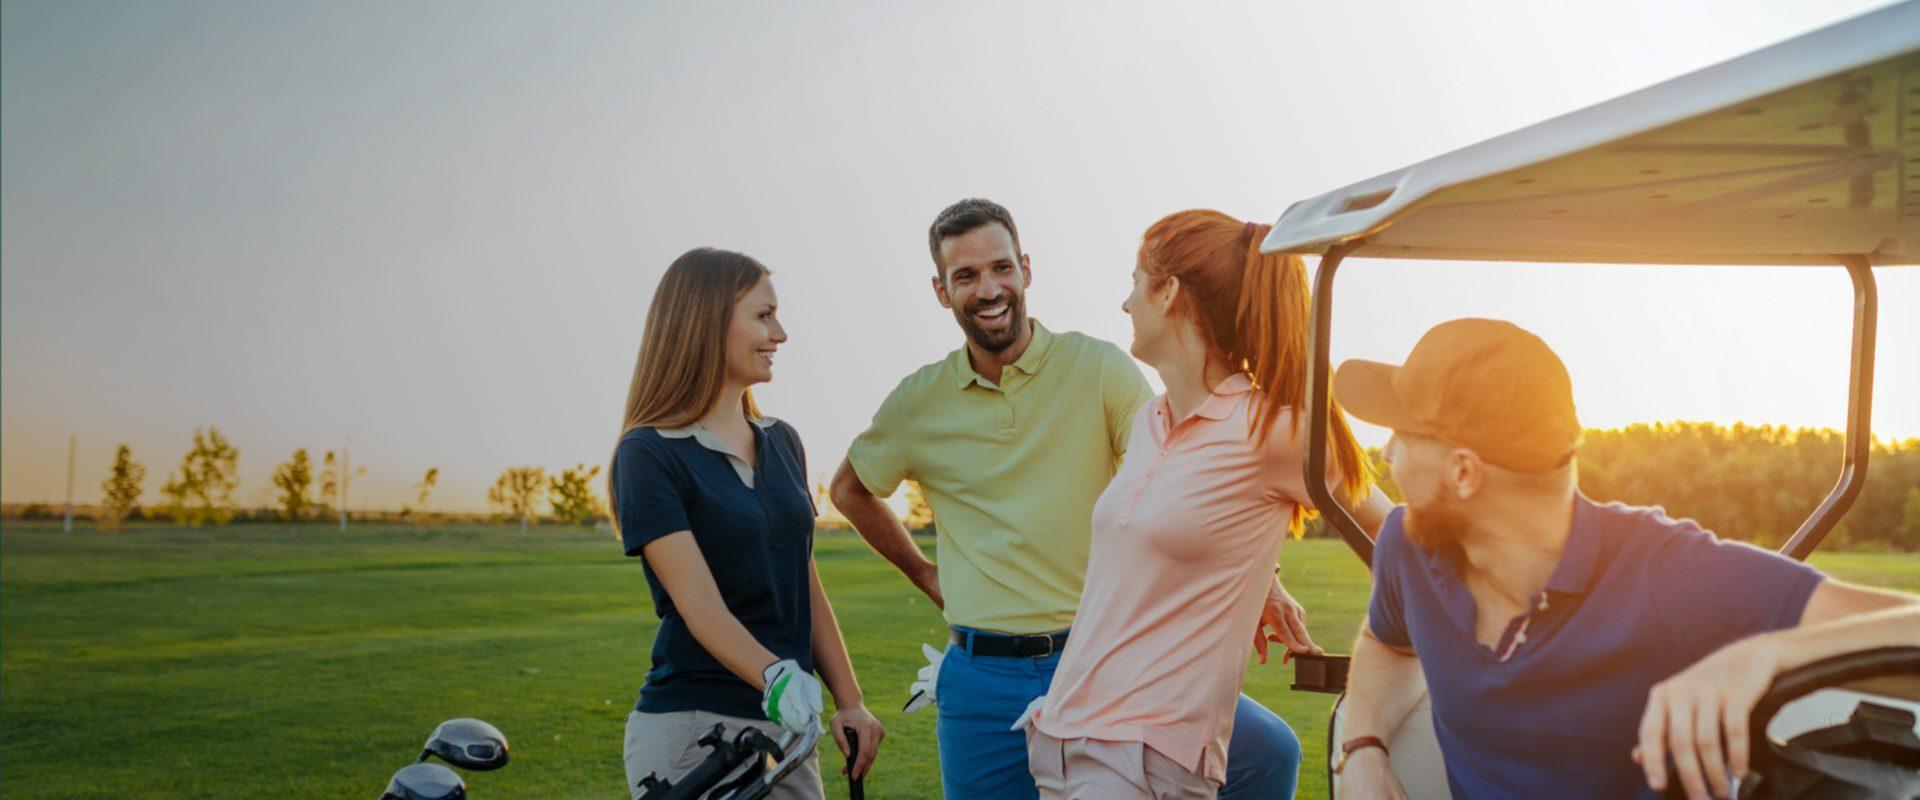 parejas conversando en campo de golf